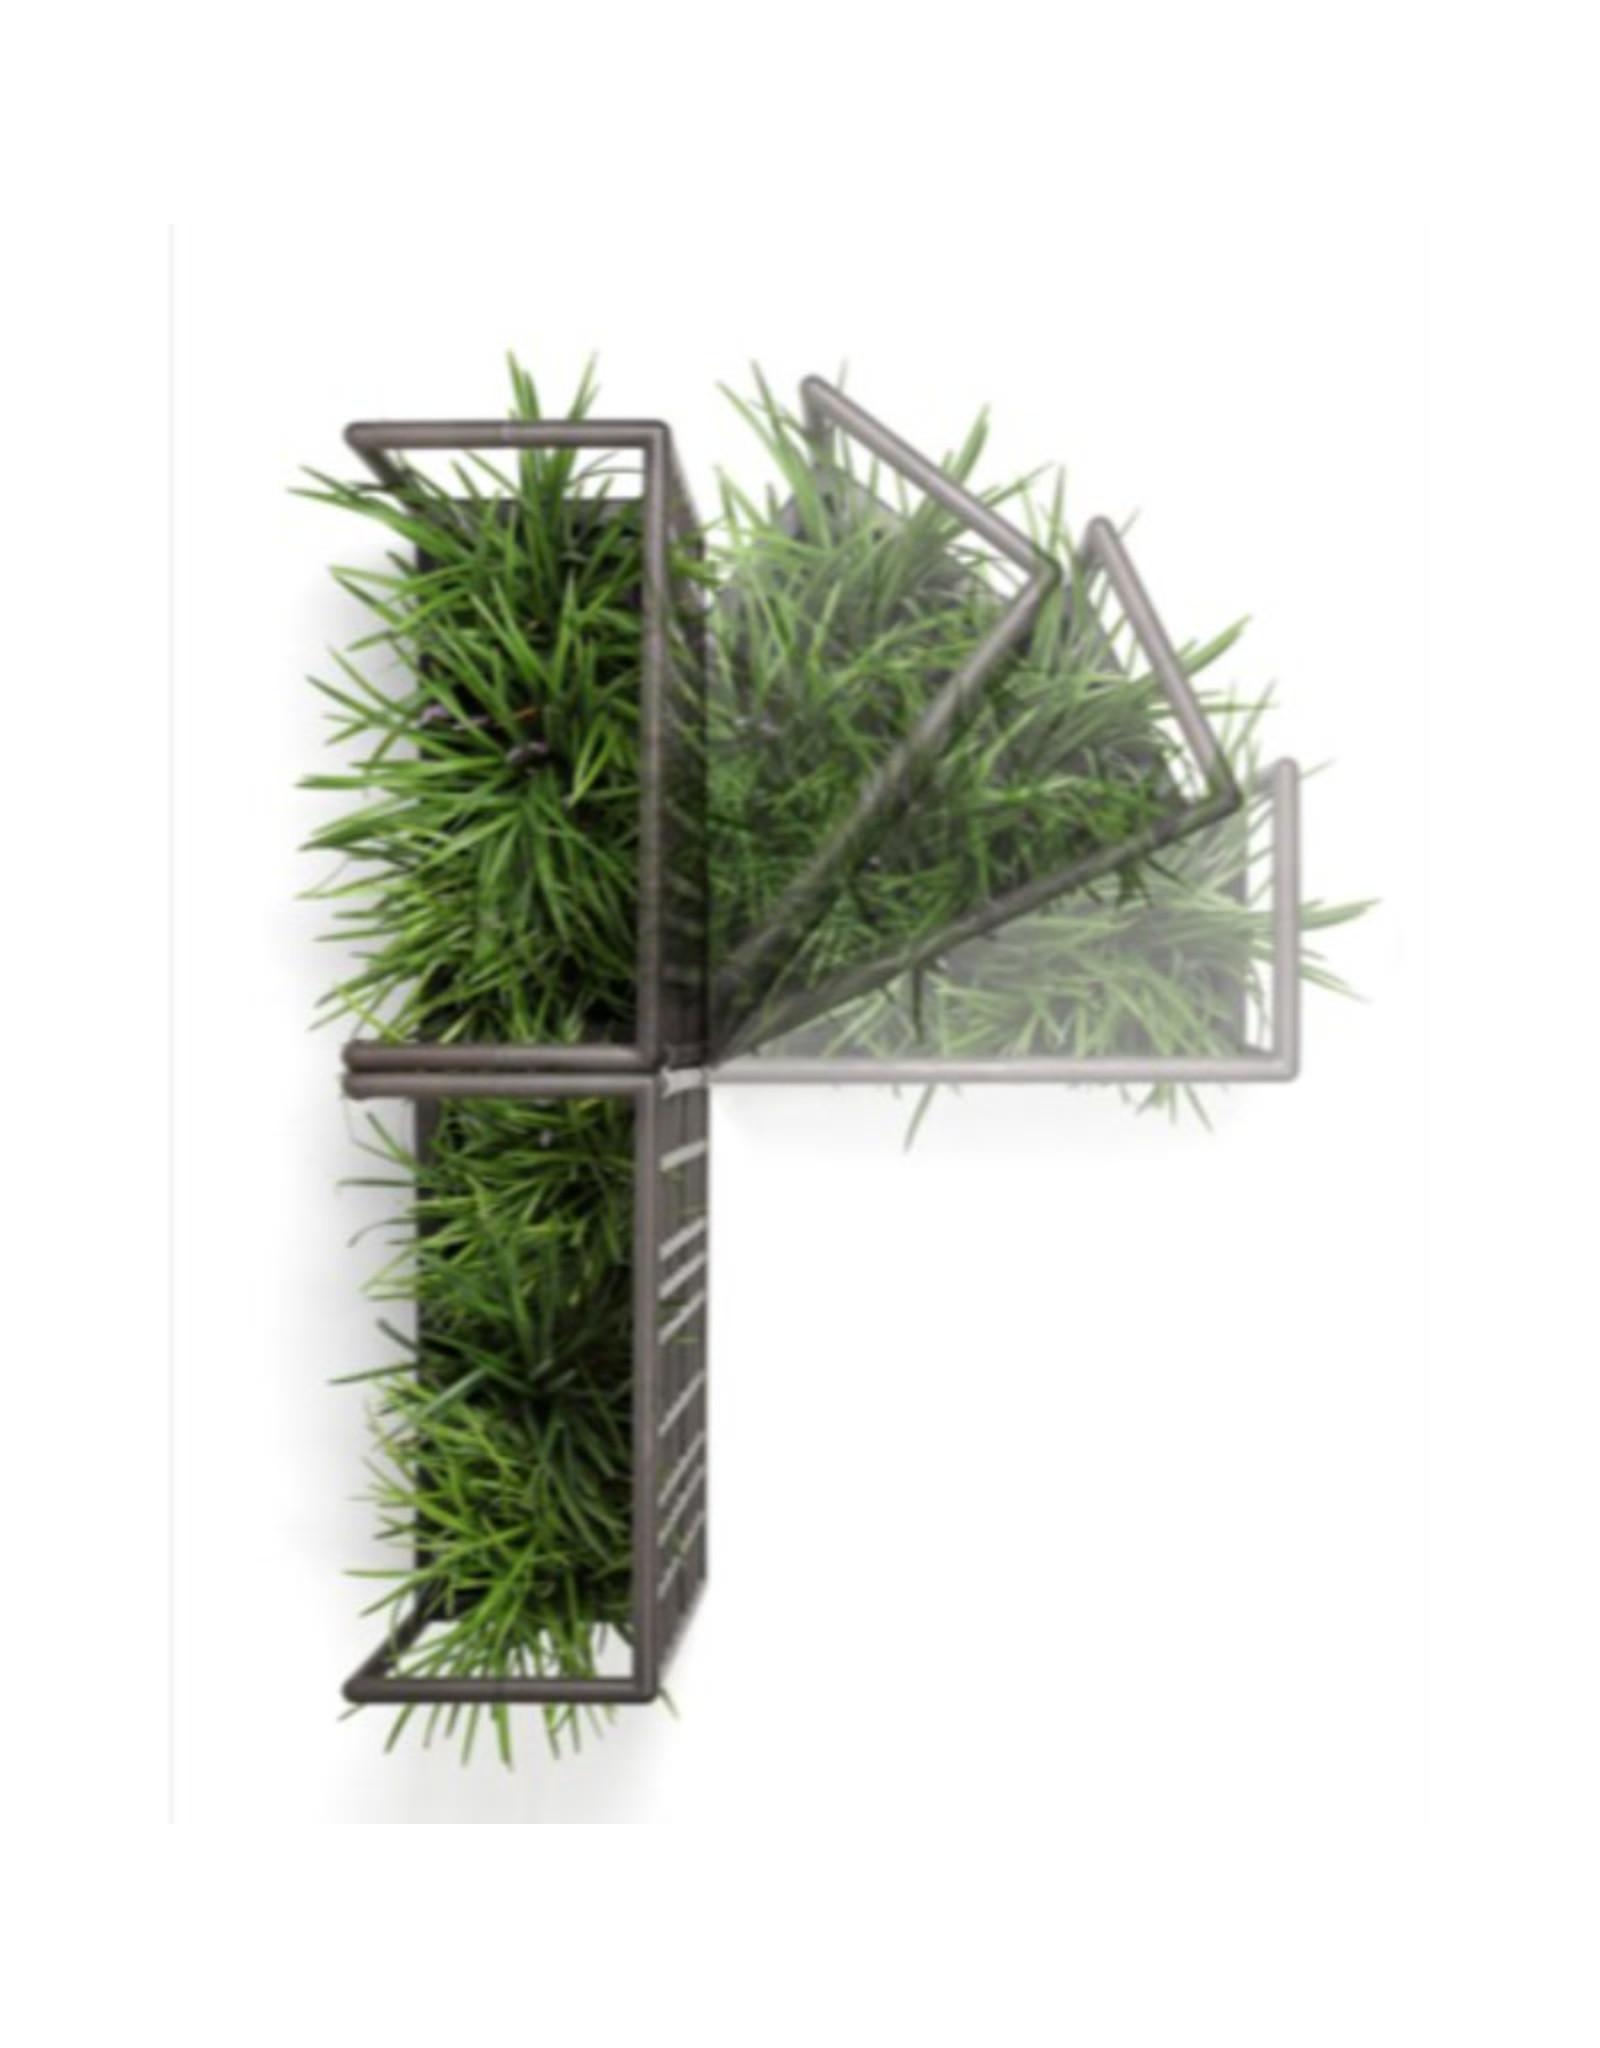 Nardi Nardi Sipario 2, modulaire plantenbank/wand TERRA